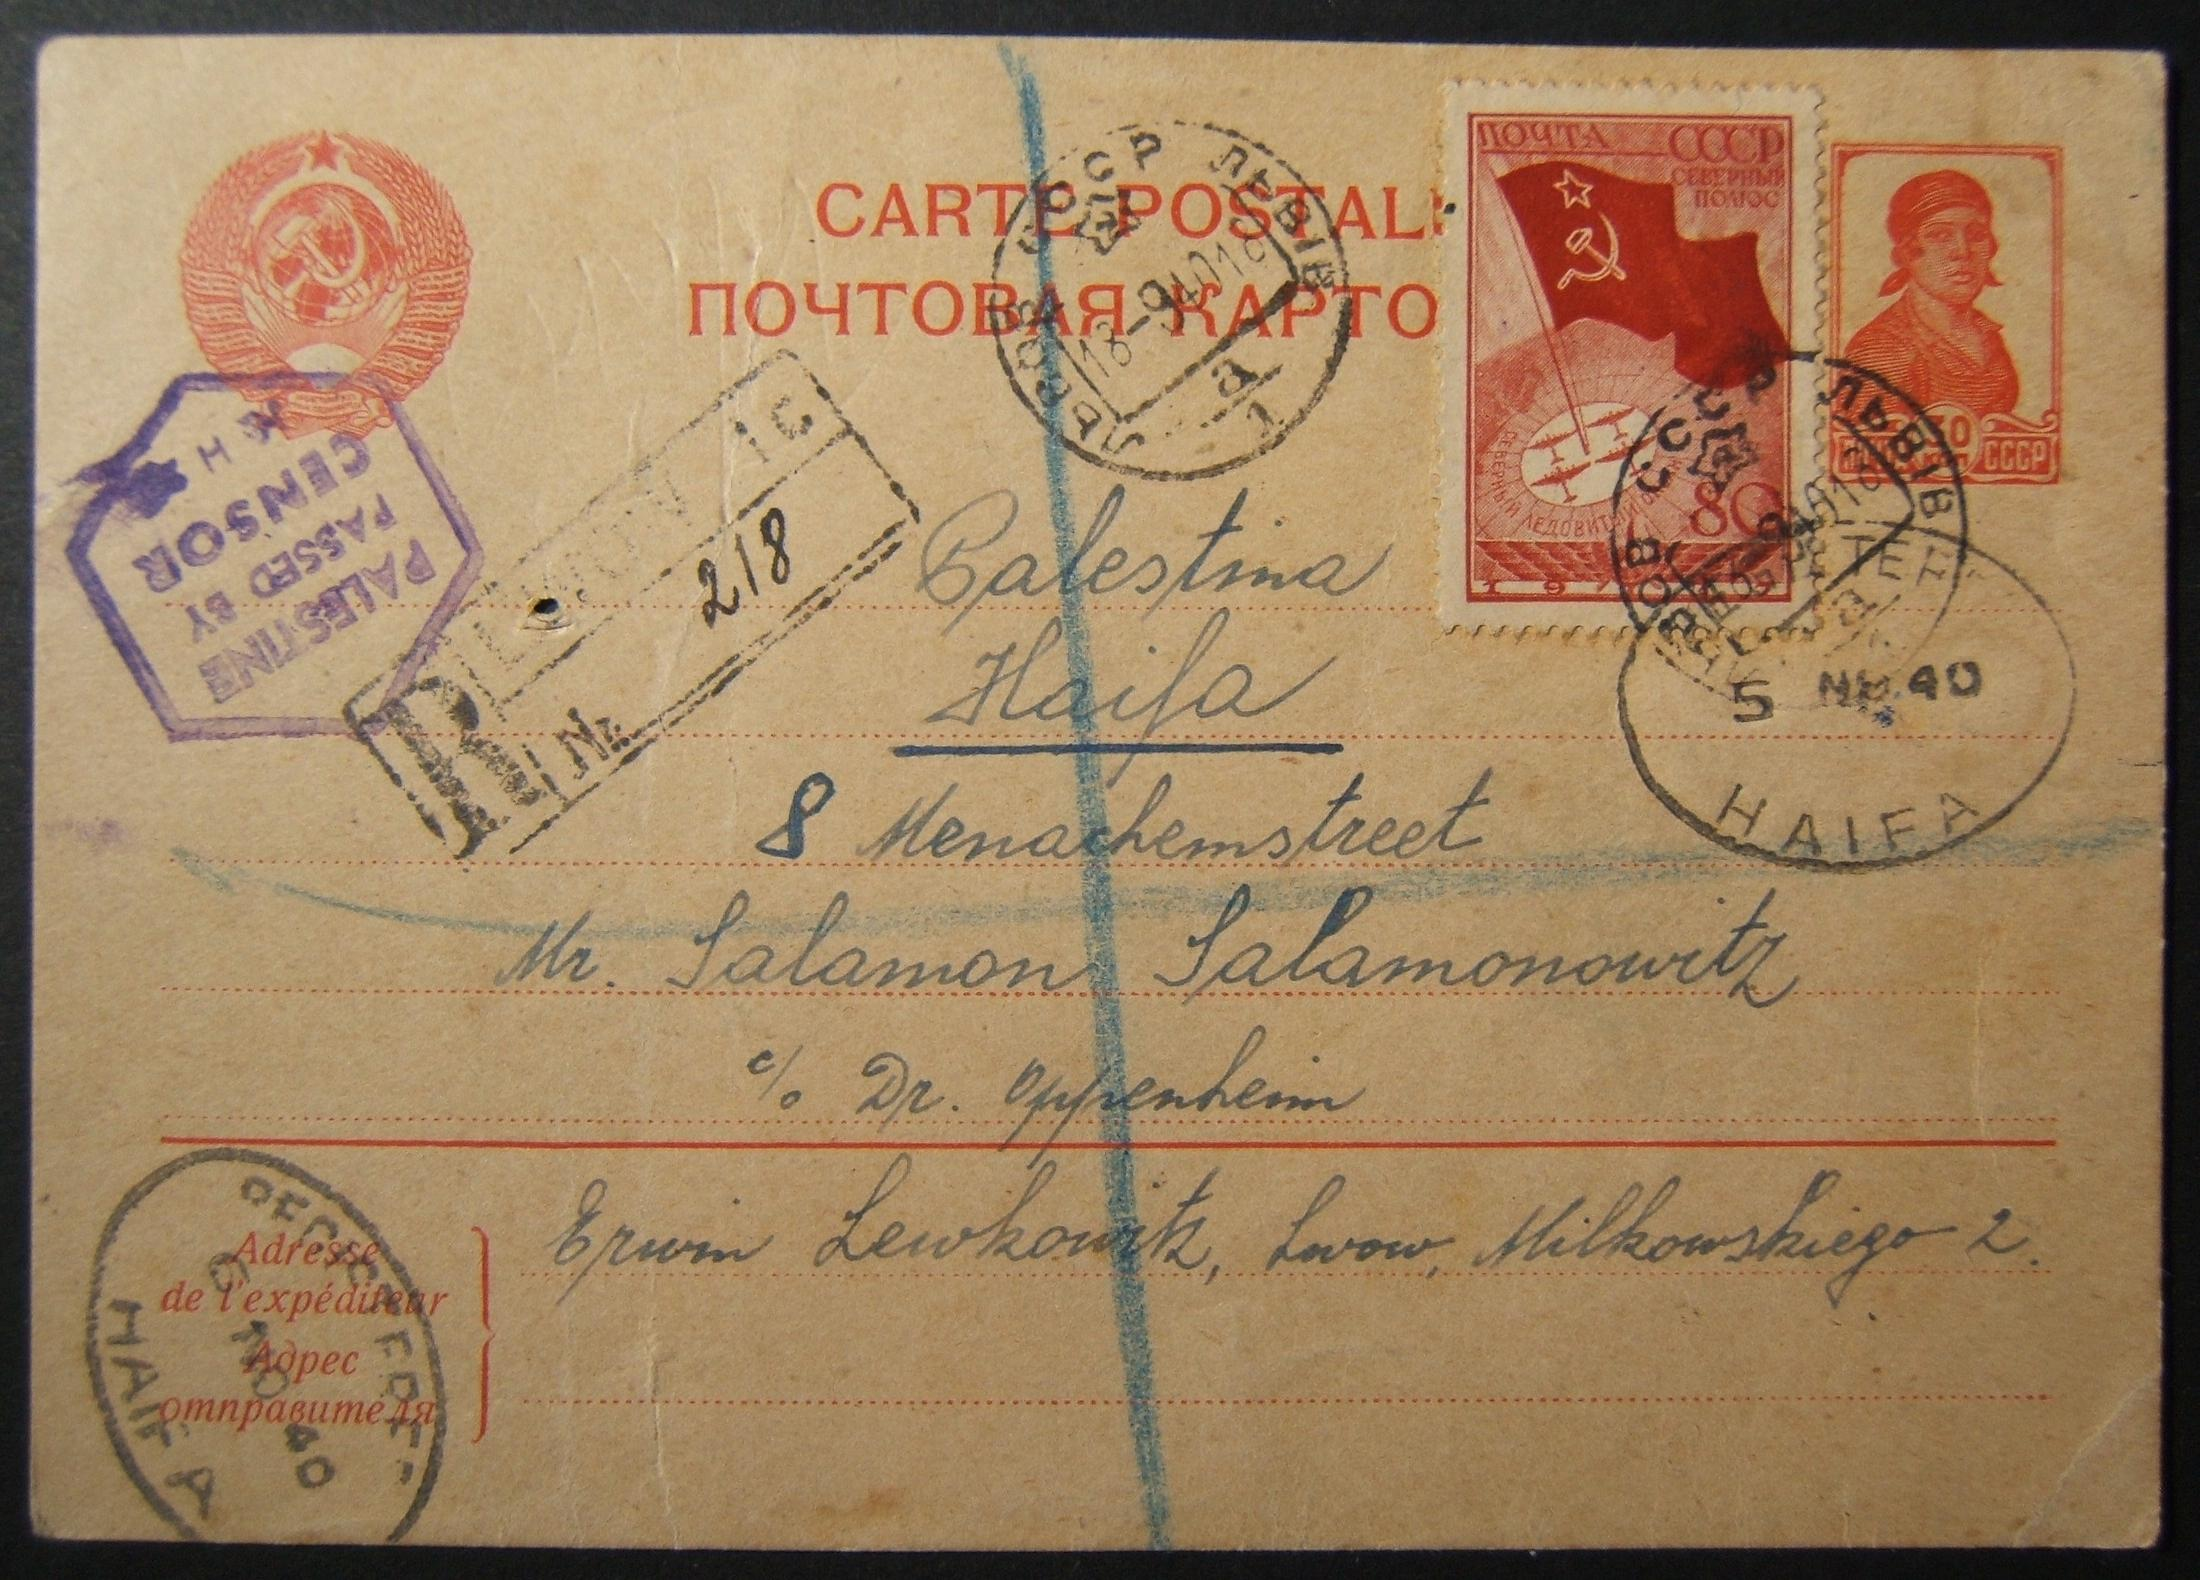 9/1940 الحرب العالمية الثانية / حقبة الهولوكوست البريد اليهودي من LVOV التي كانت تحت الاحتلال السوفيتي إلى هيفاء ، المحظورة